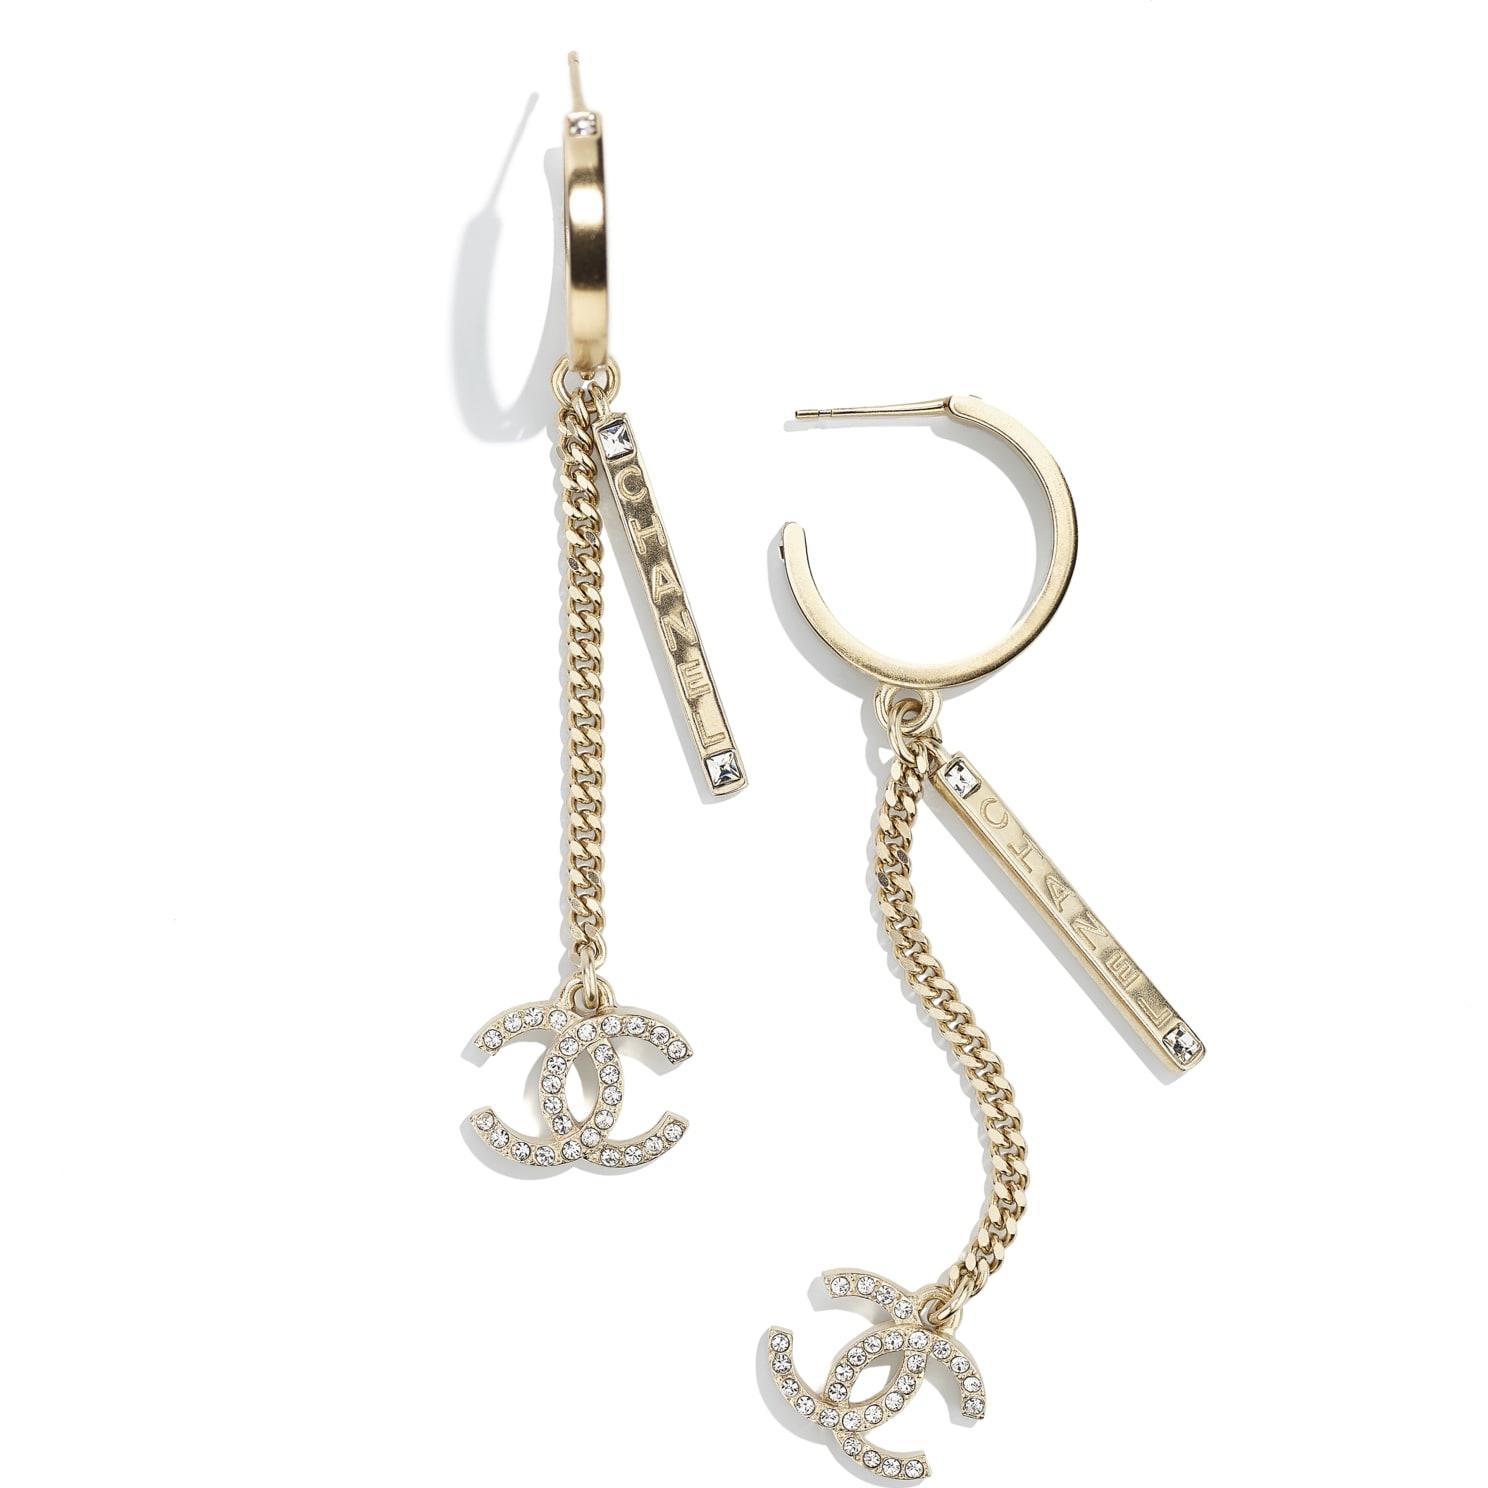 chanel earrings2